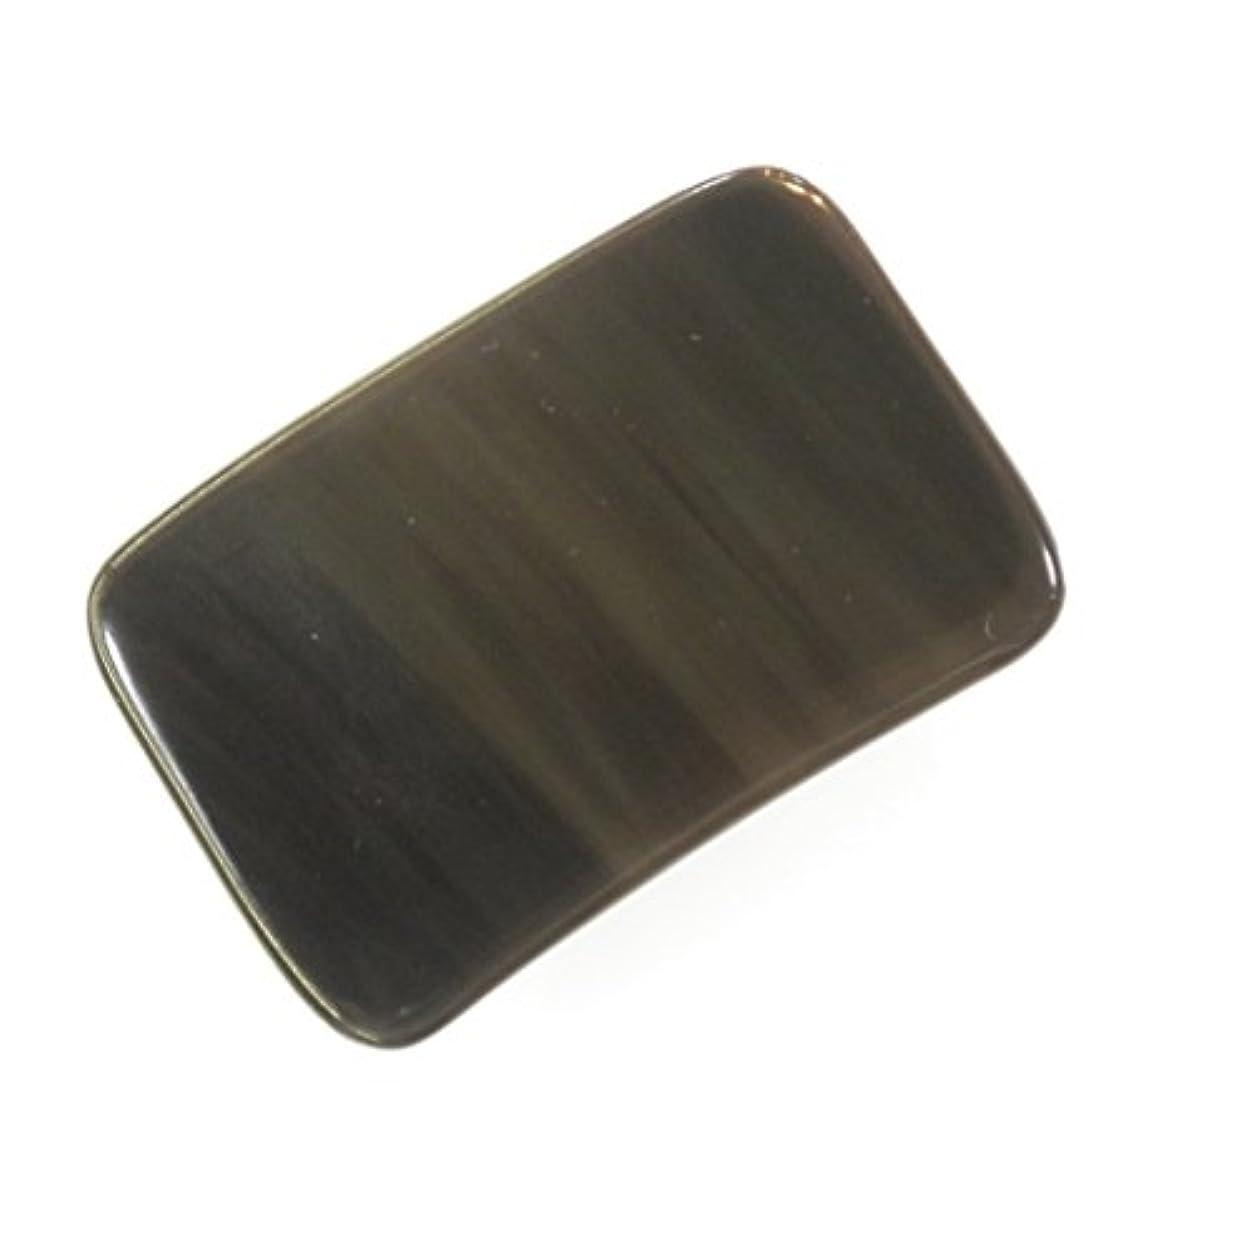 同化する不完全なたくさんかっさ プレート 厚さが選べる 水牛の角(黒水牛角) EHE214 長方形小 一般品 標準(6ミリ程度)